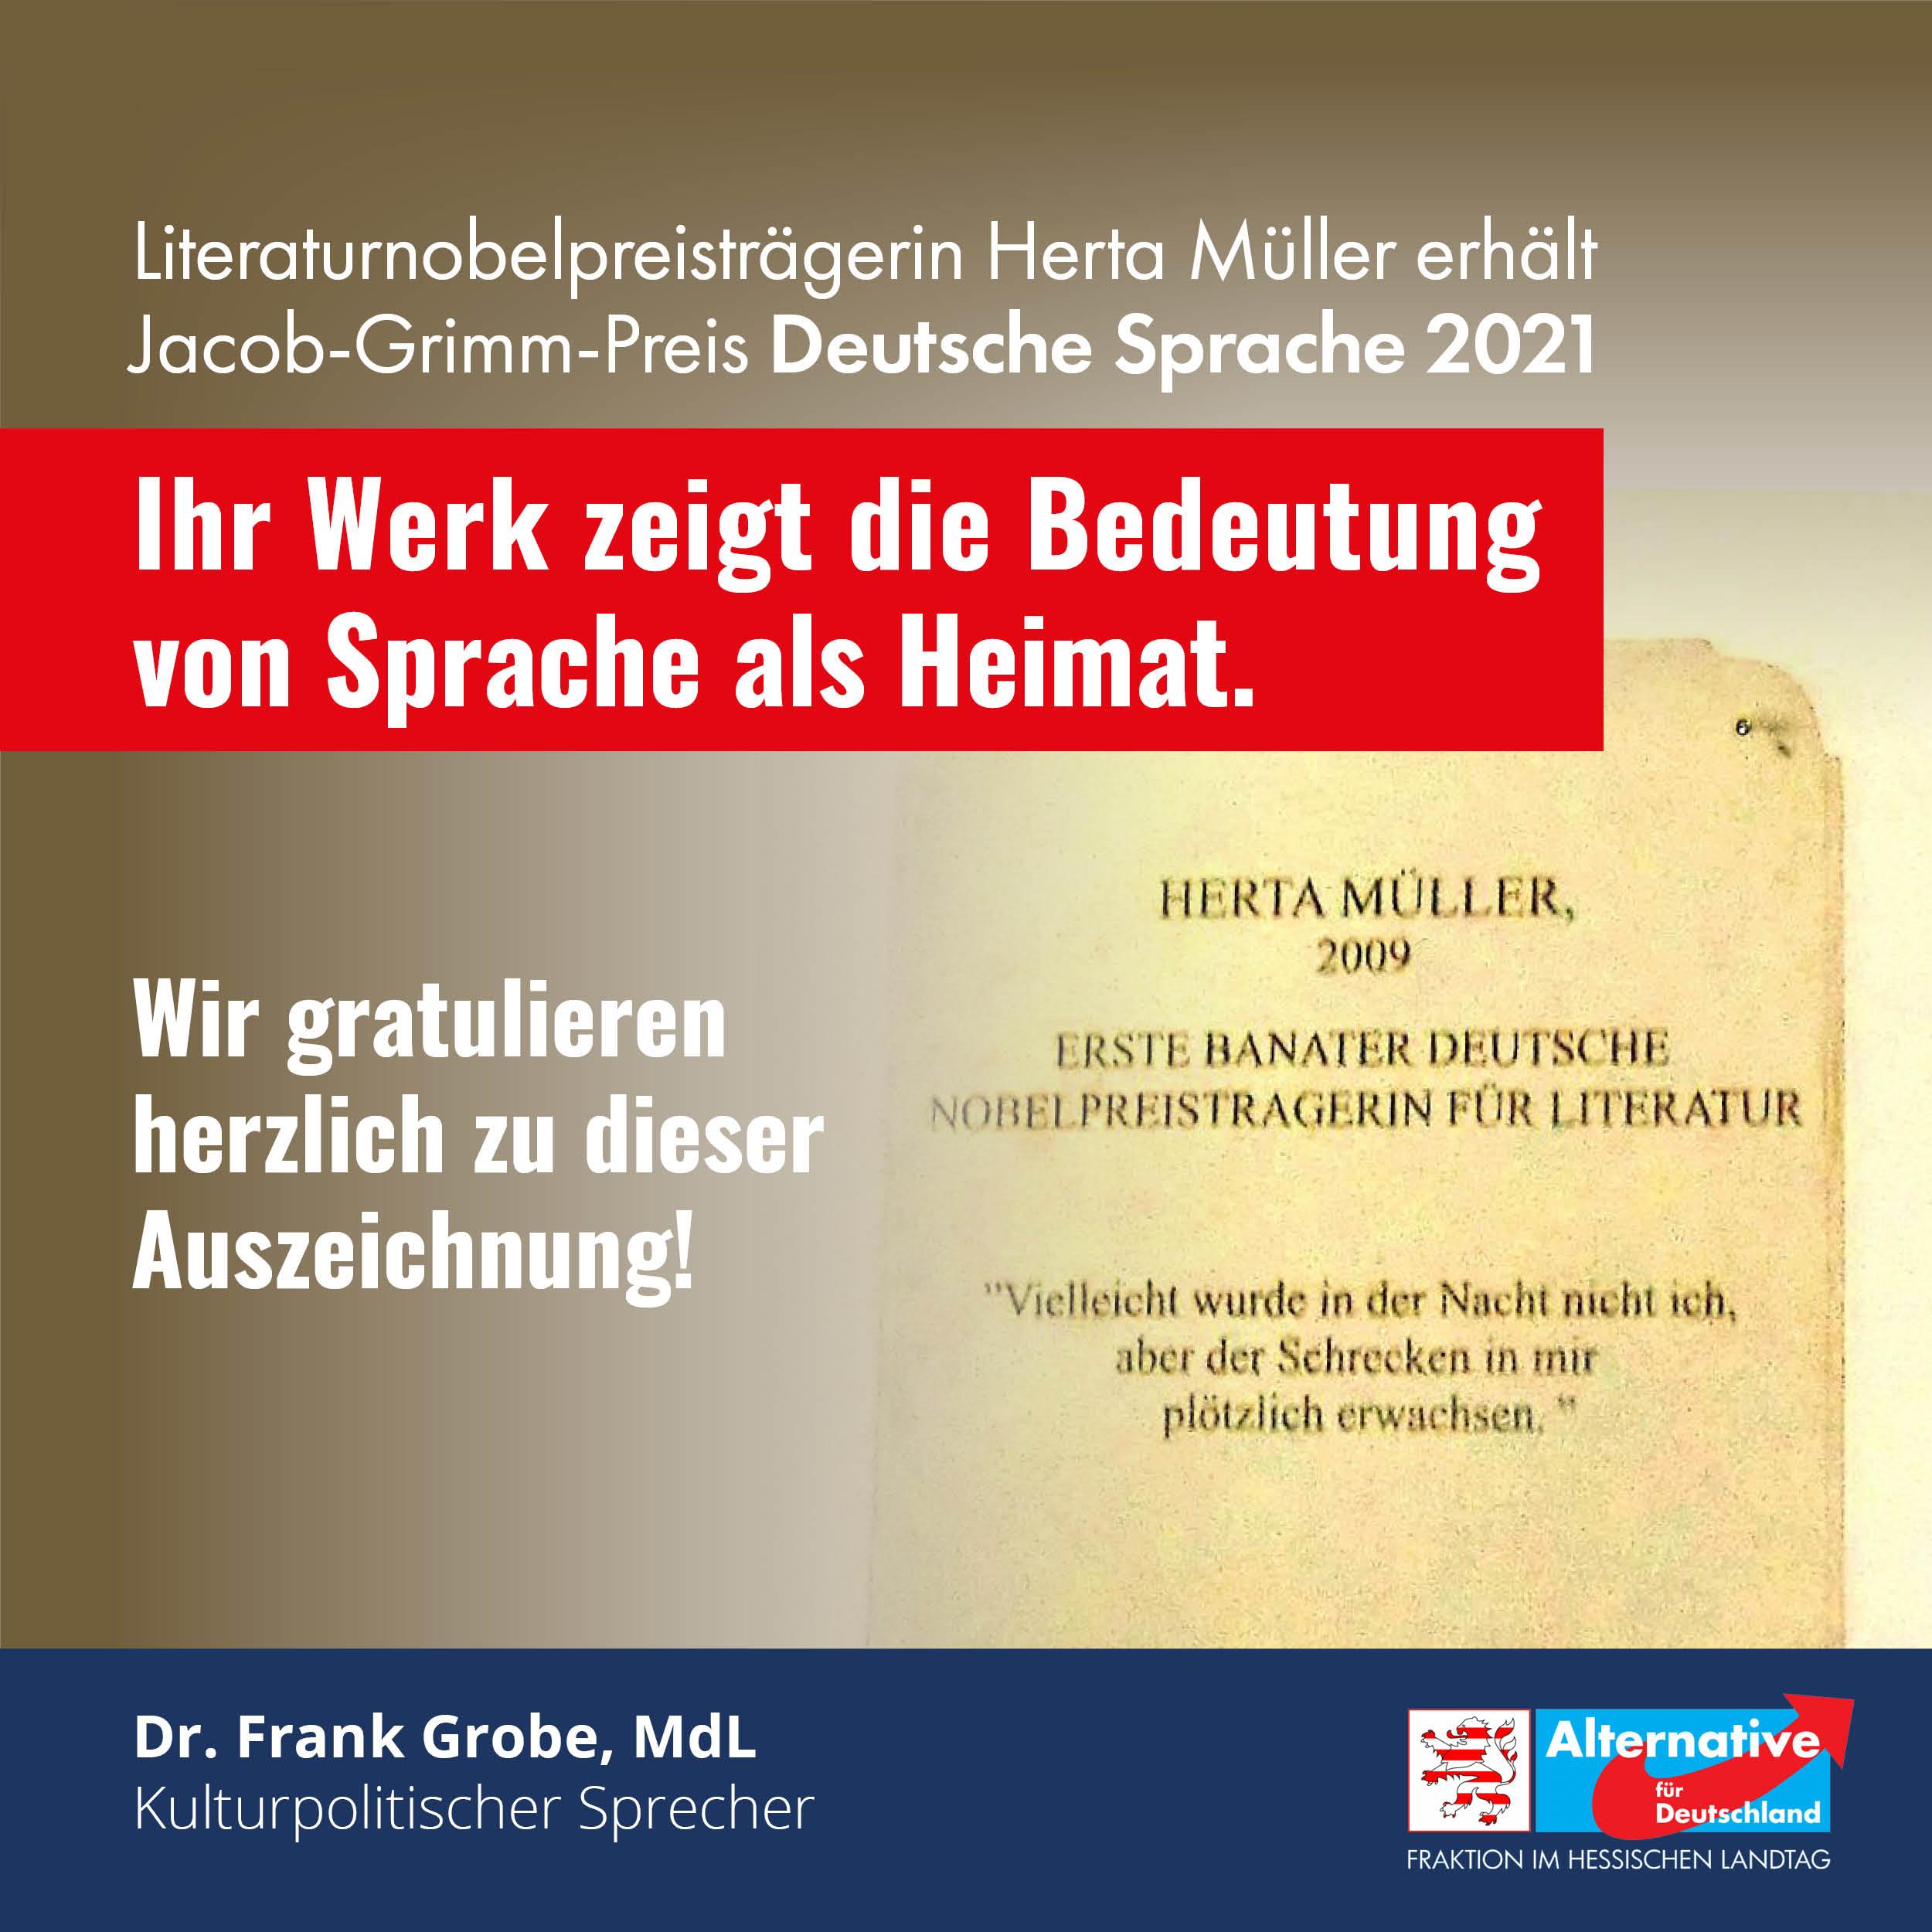 You are currently viewing AfD gratuliert Herta Müller zum Jacob-Grimm-Preis Deutsche Sprache 2021